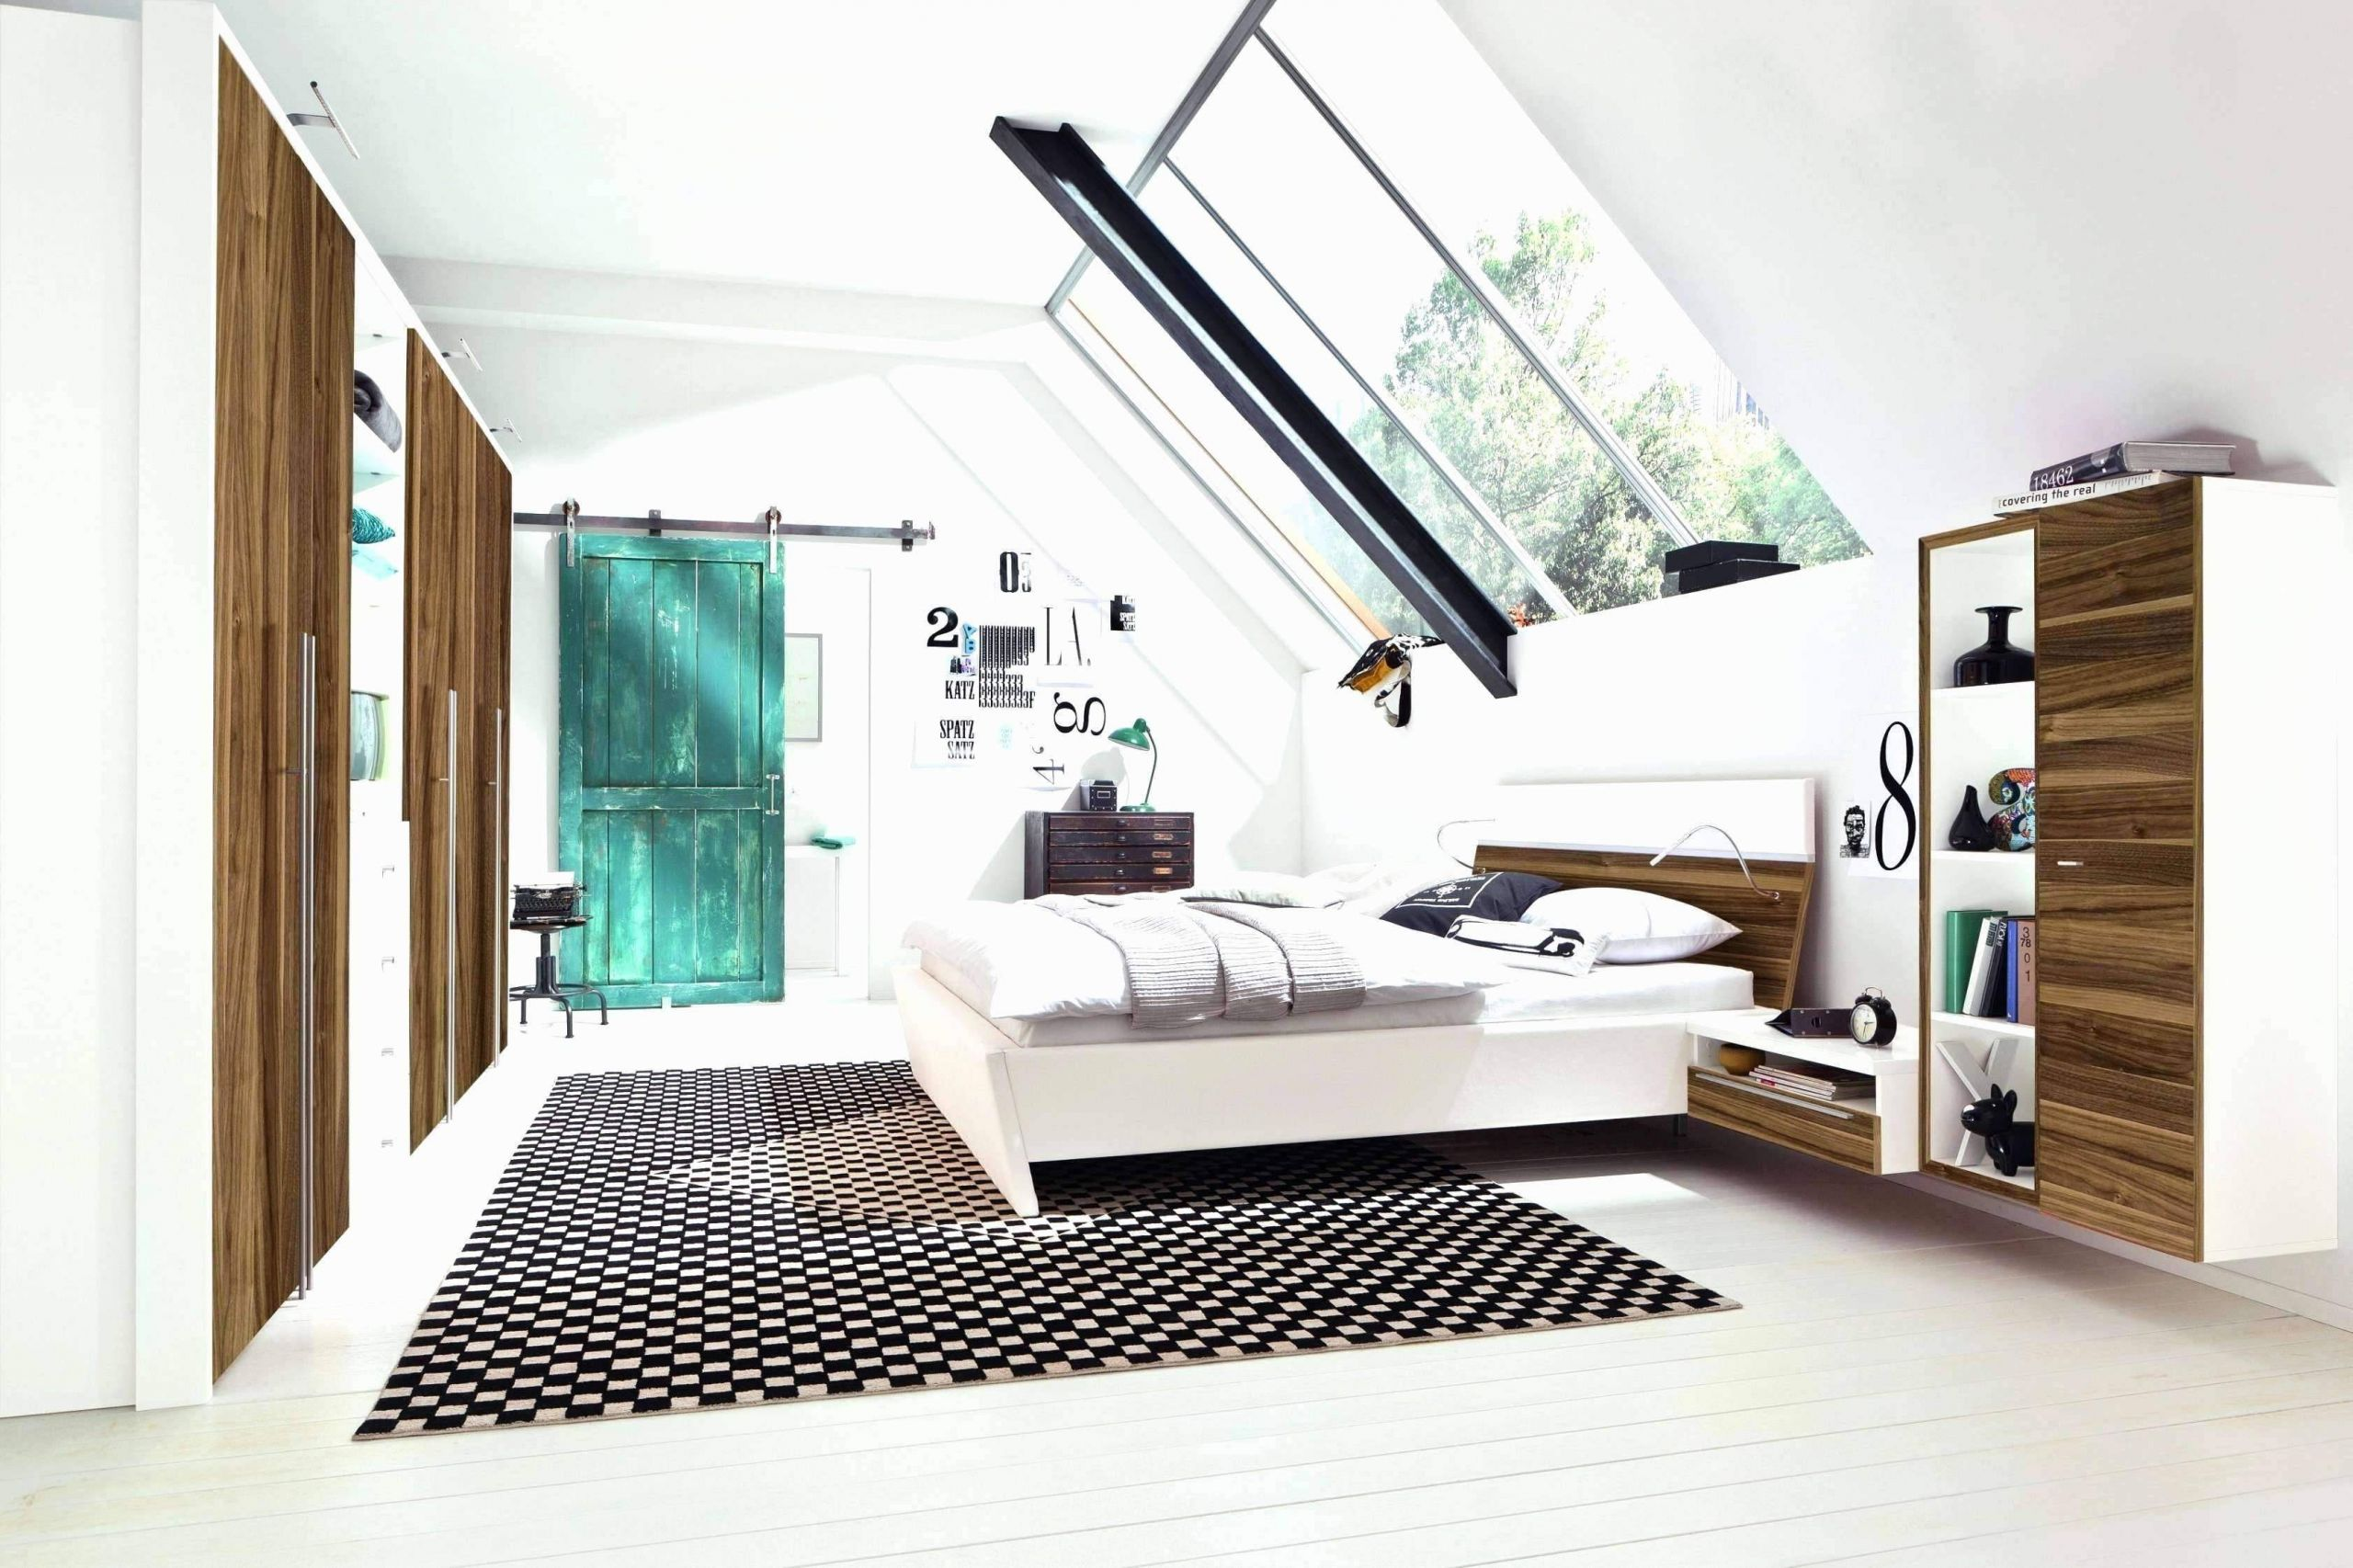 Full Size of Schlafzimmer Wanddeko Wanddekoration Ideen Amazon Ikea Bilder Selber Machen Metall Holz Deko Wurzel Wohnzimmer Inspirierend Elegant Komplett Massivholz Lampe Wohnzimmer Schlafzimmer Wanddeko